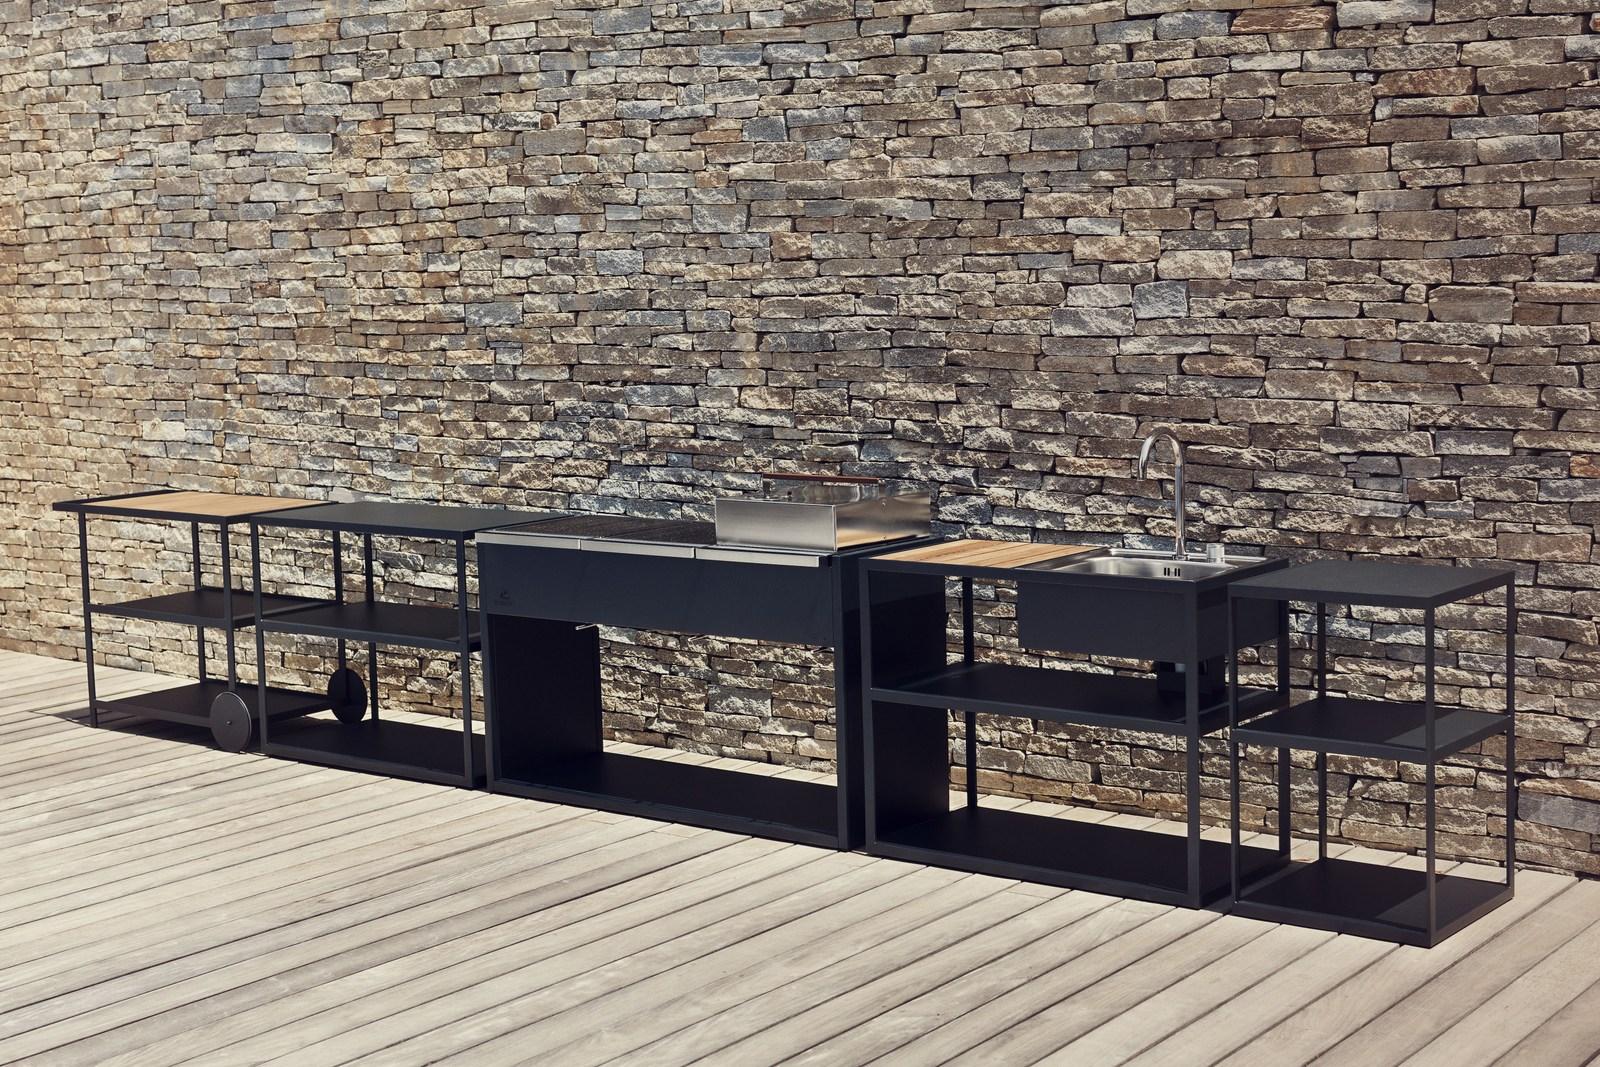 Roshults bbq la cucina dal design minimale per l 39 outdoor for Architecture minimale